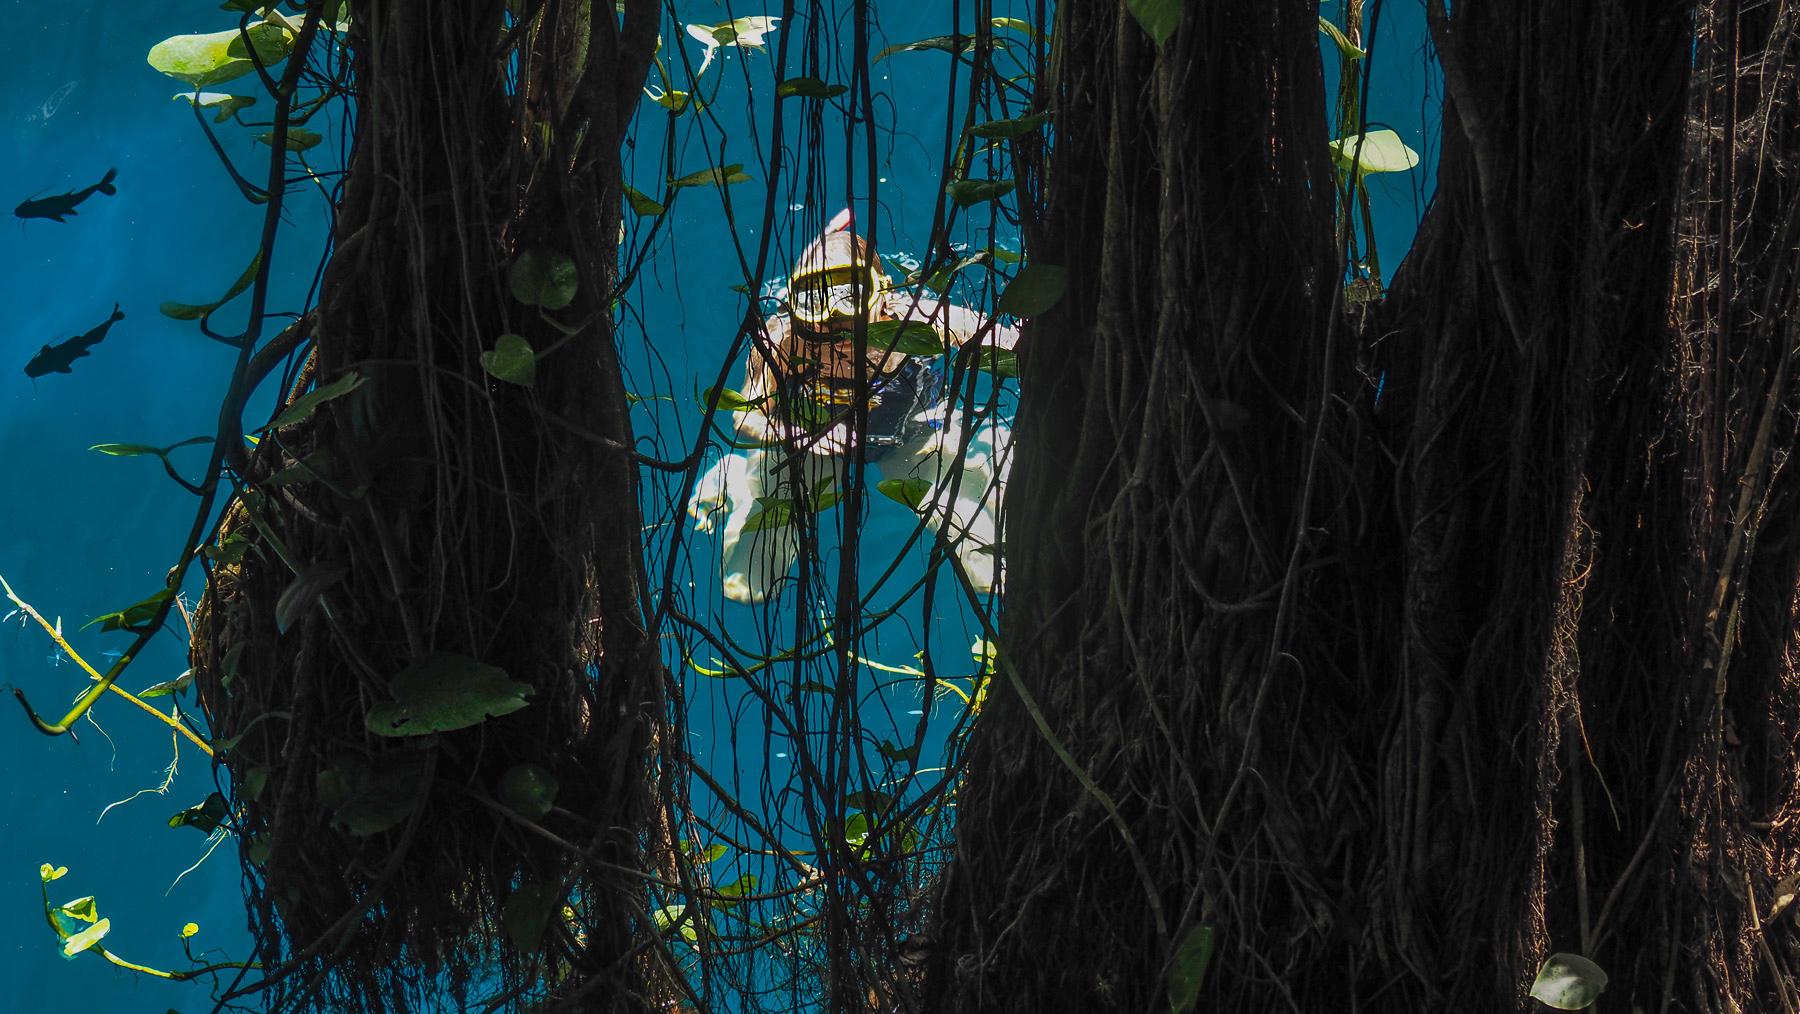 Etwas seltsam: schnorcheln zwischen mächtigen, im Wasser schwebenden Baumwurzeln